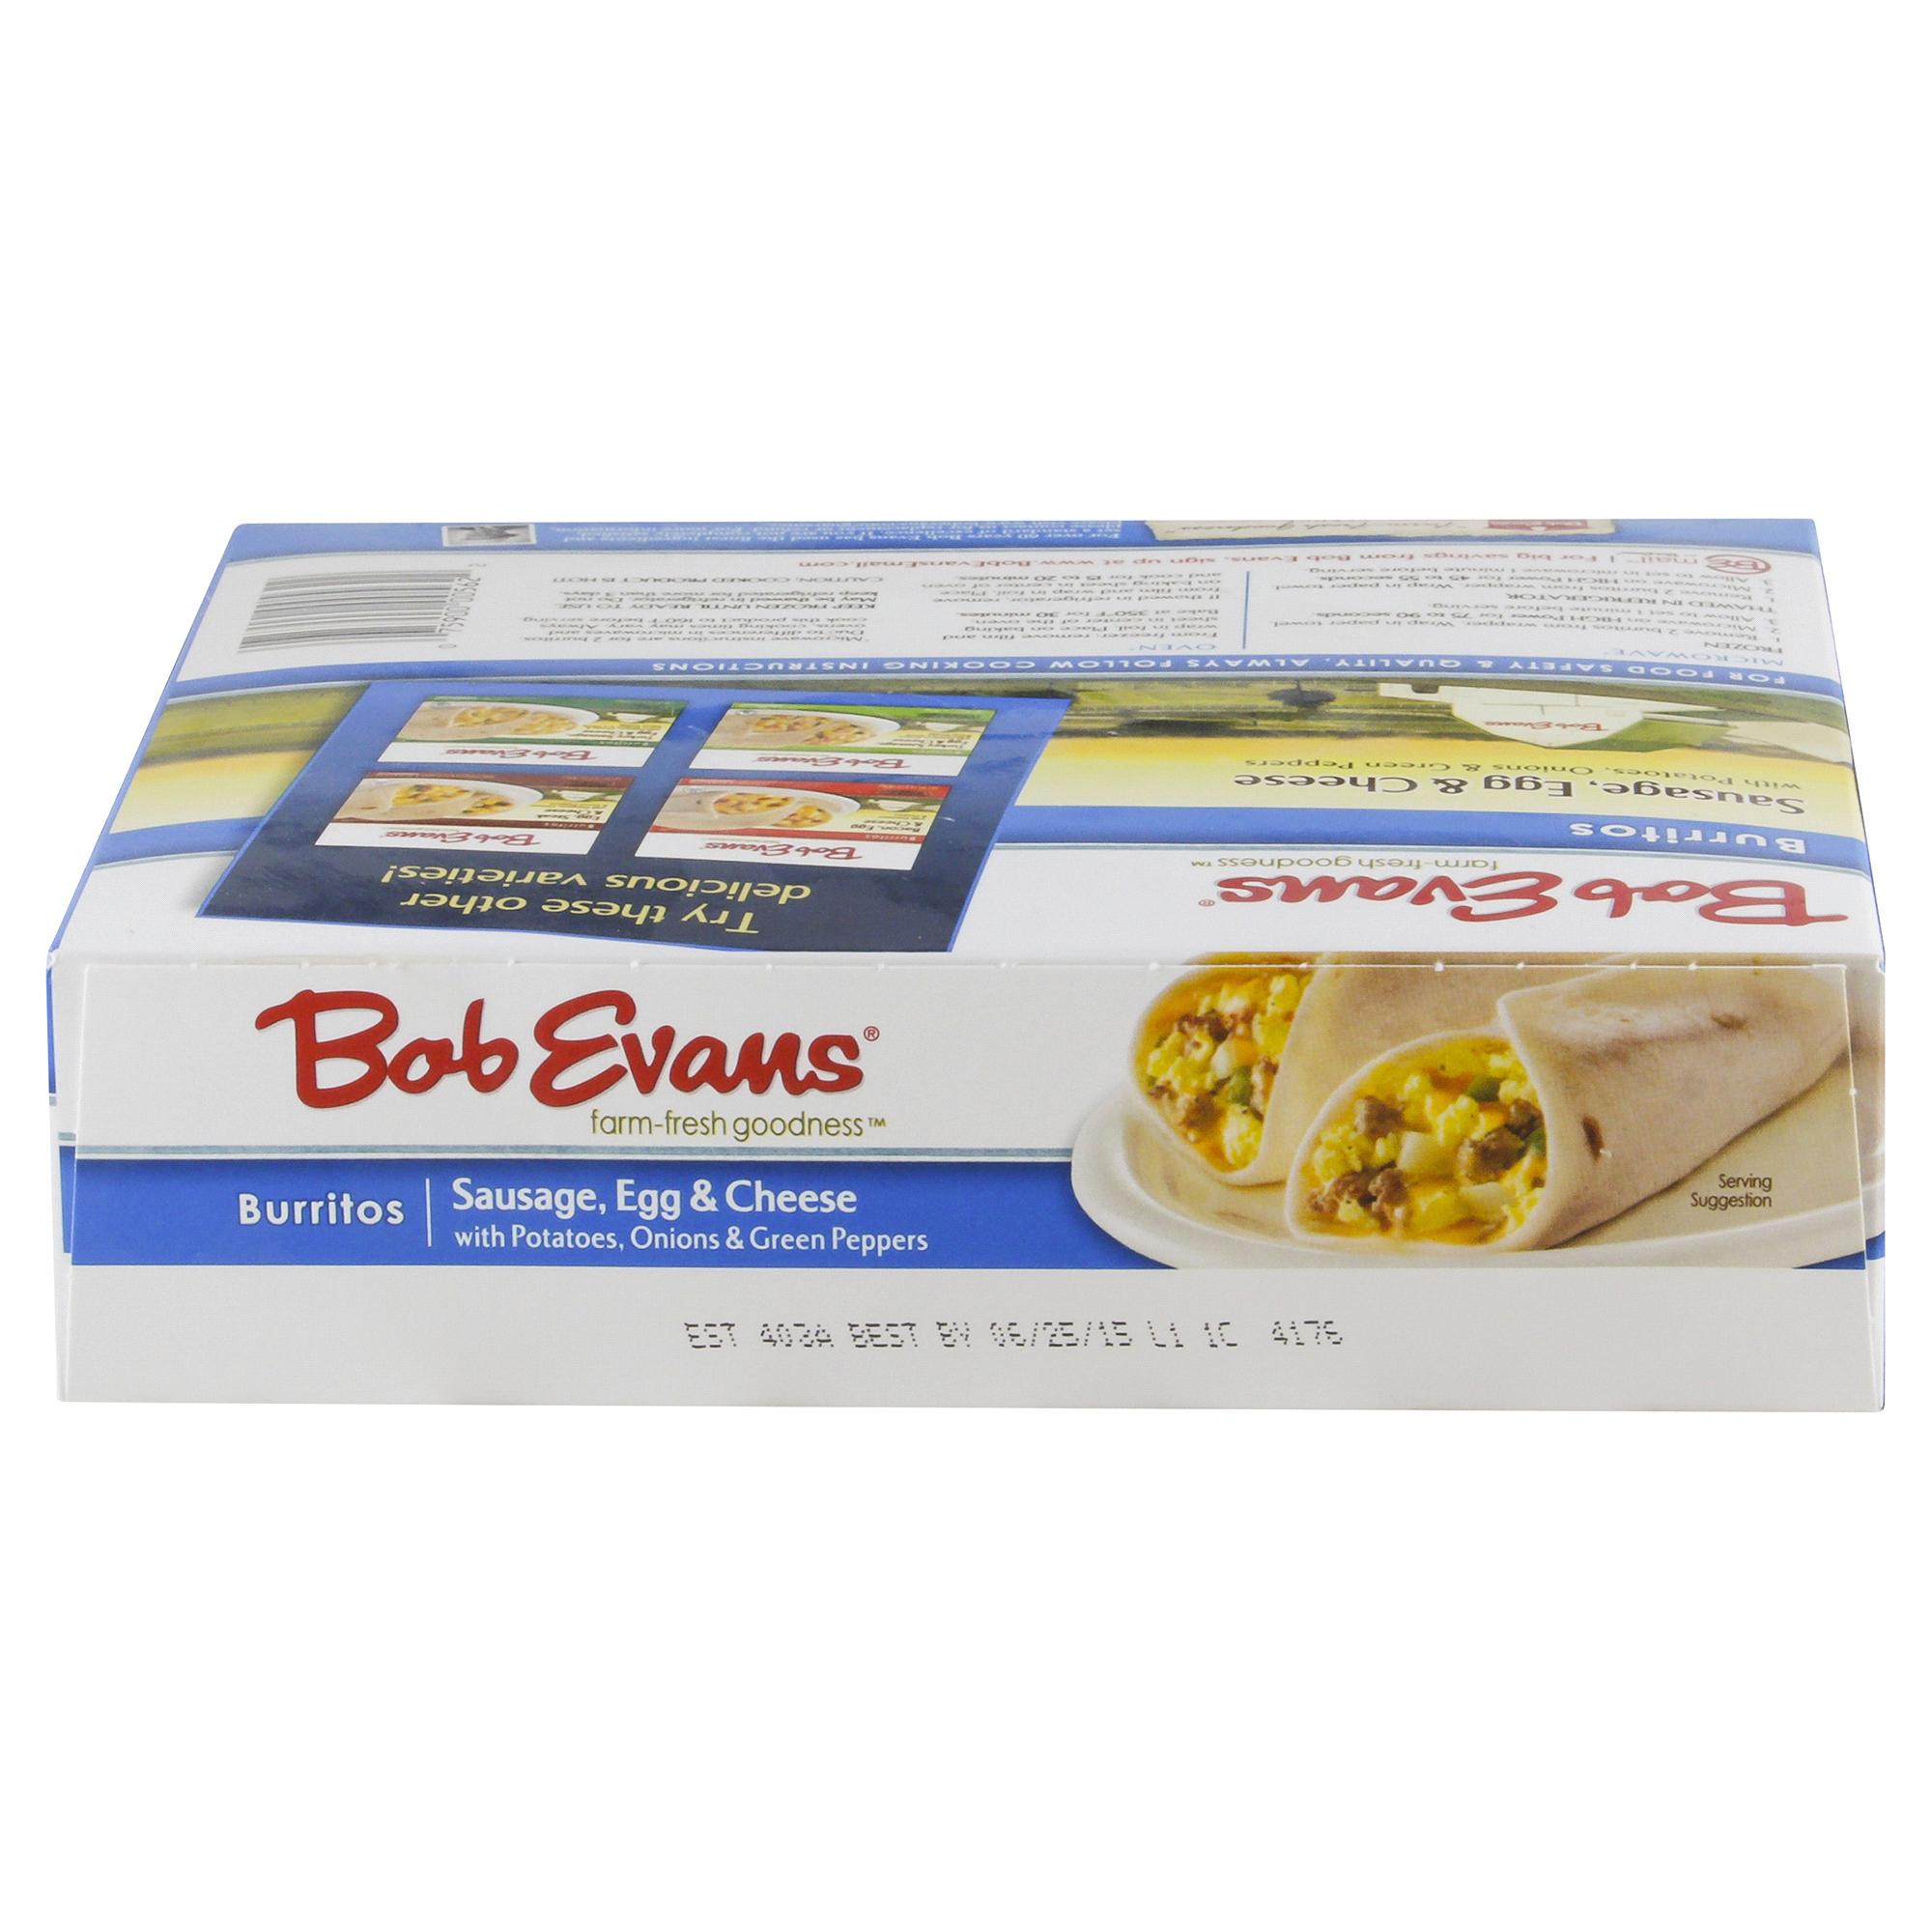 Bob Evans Burritos Sausage Egg & Cheese 14.4 oz | Meijer.com